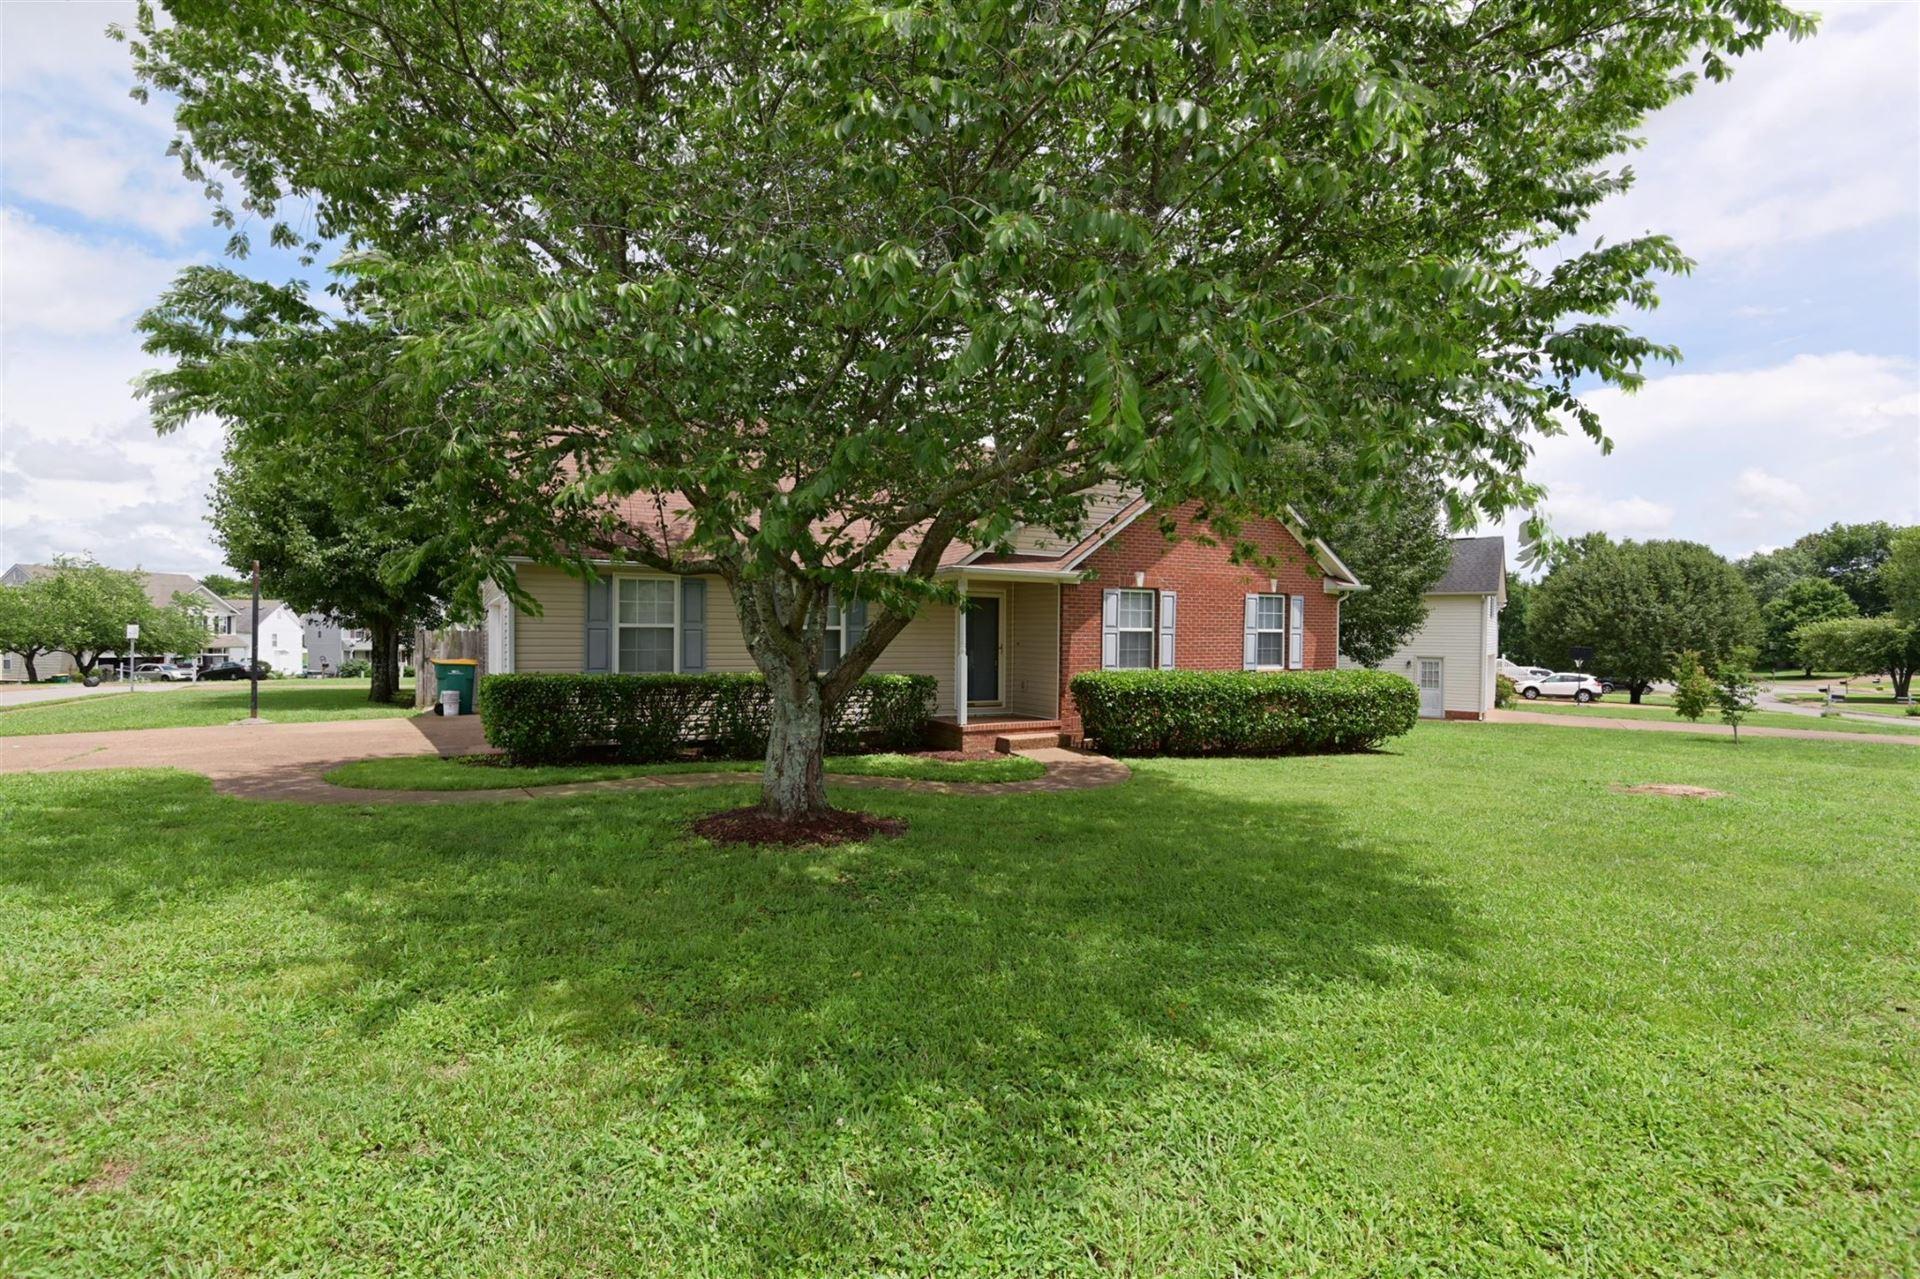 2033 Prescott Way, Spring Hill, TN 37174 - MLS#: 2275718